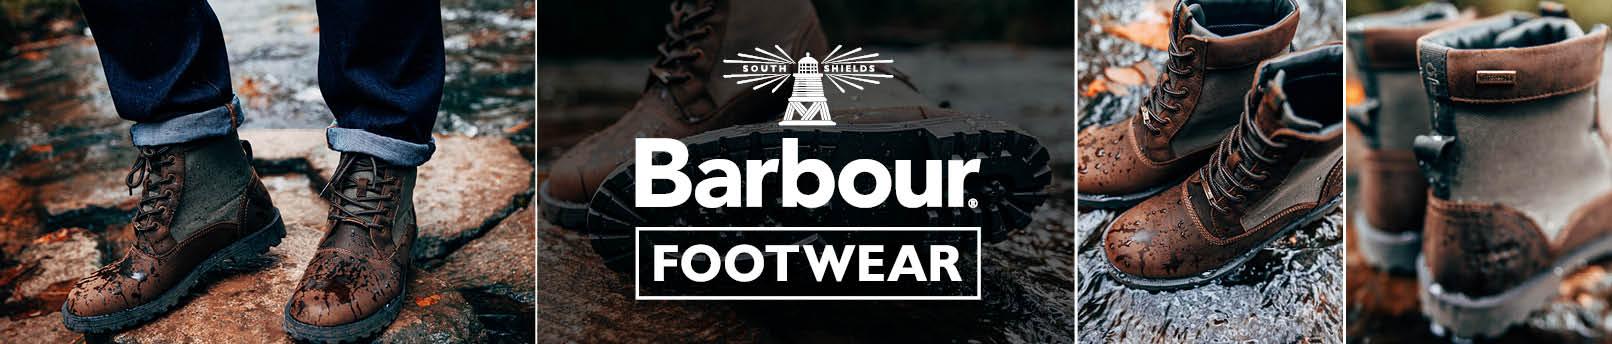 Shop Barbour